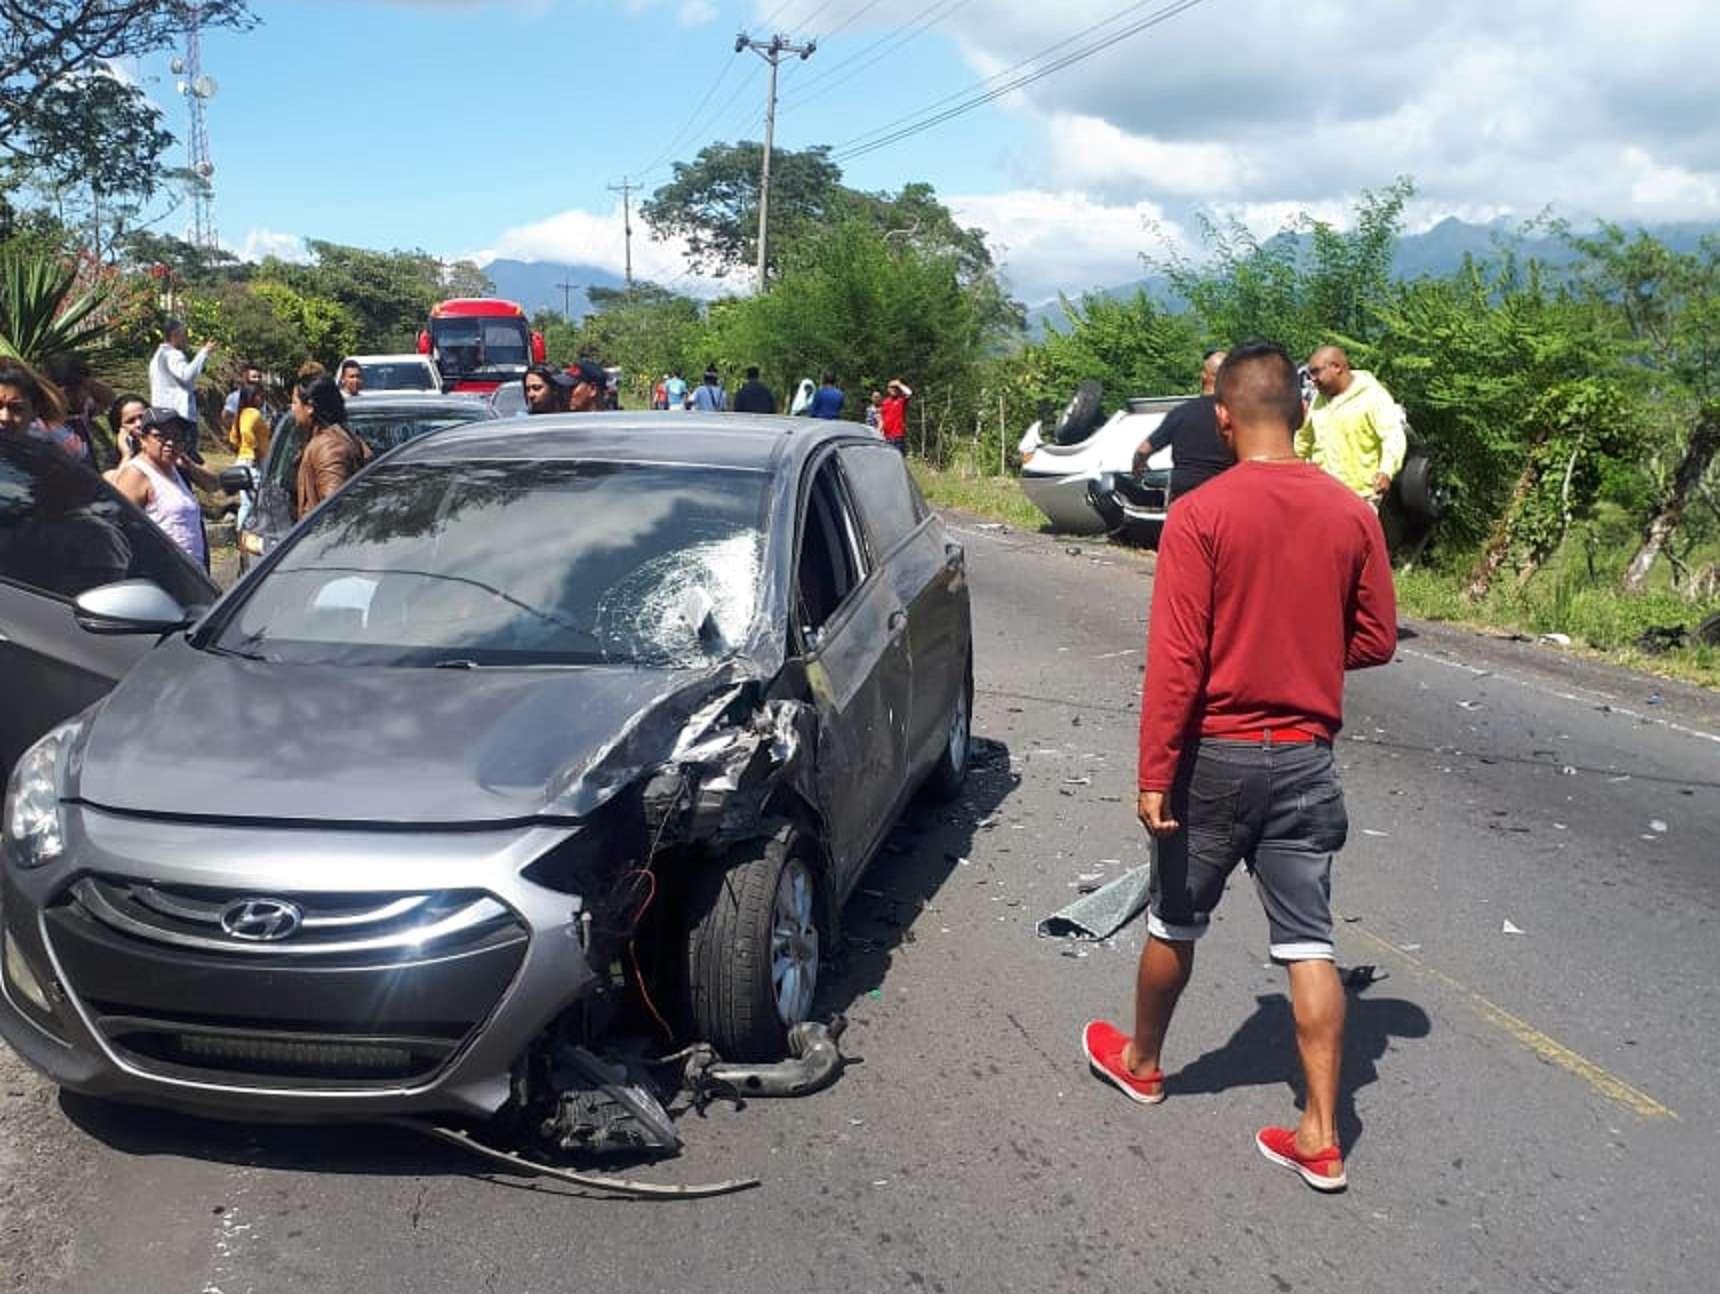 Vista general del área del accidente. Foto: @TraficoCPanama